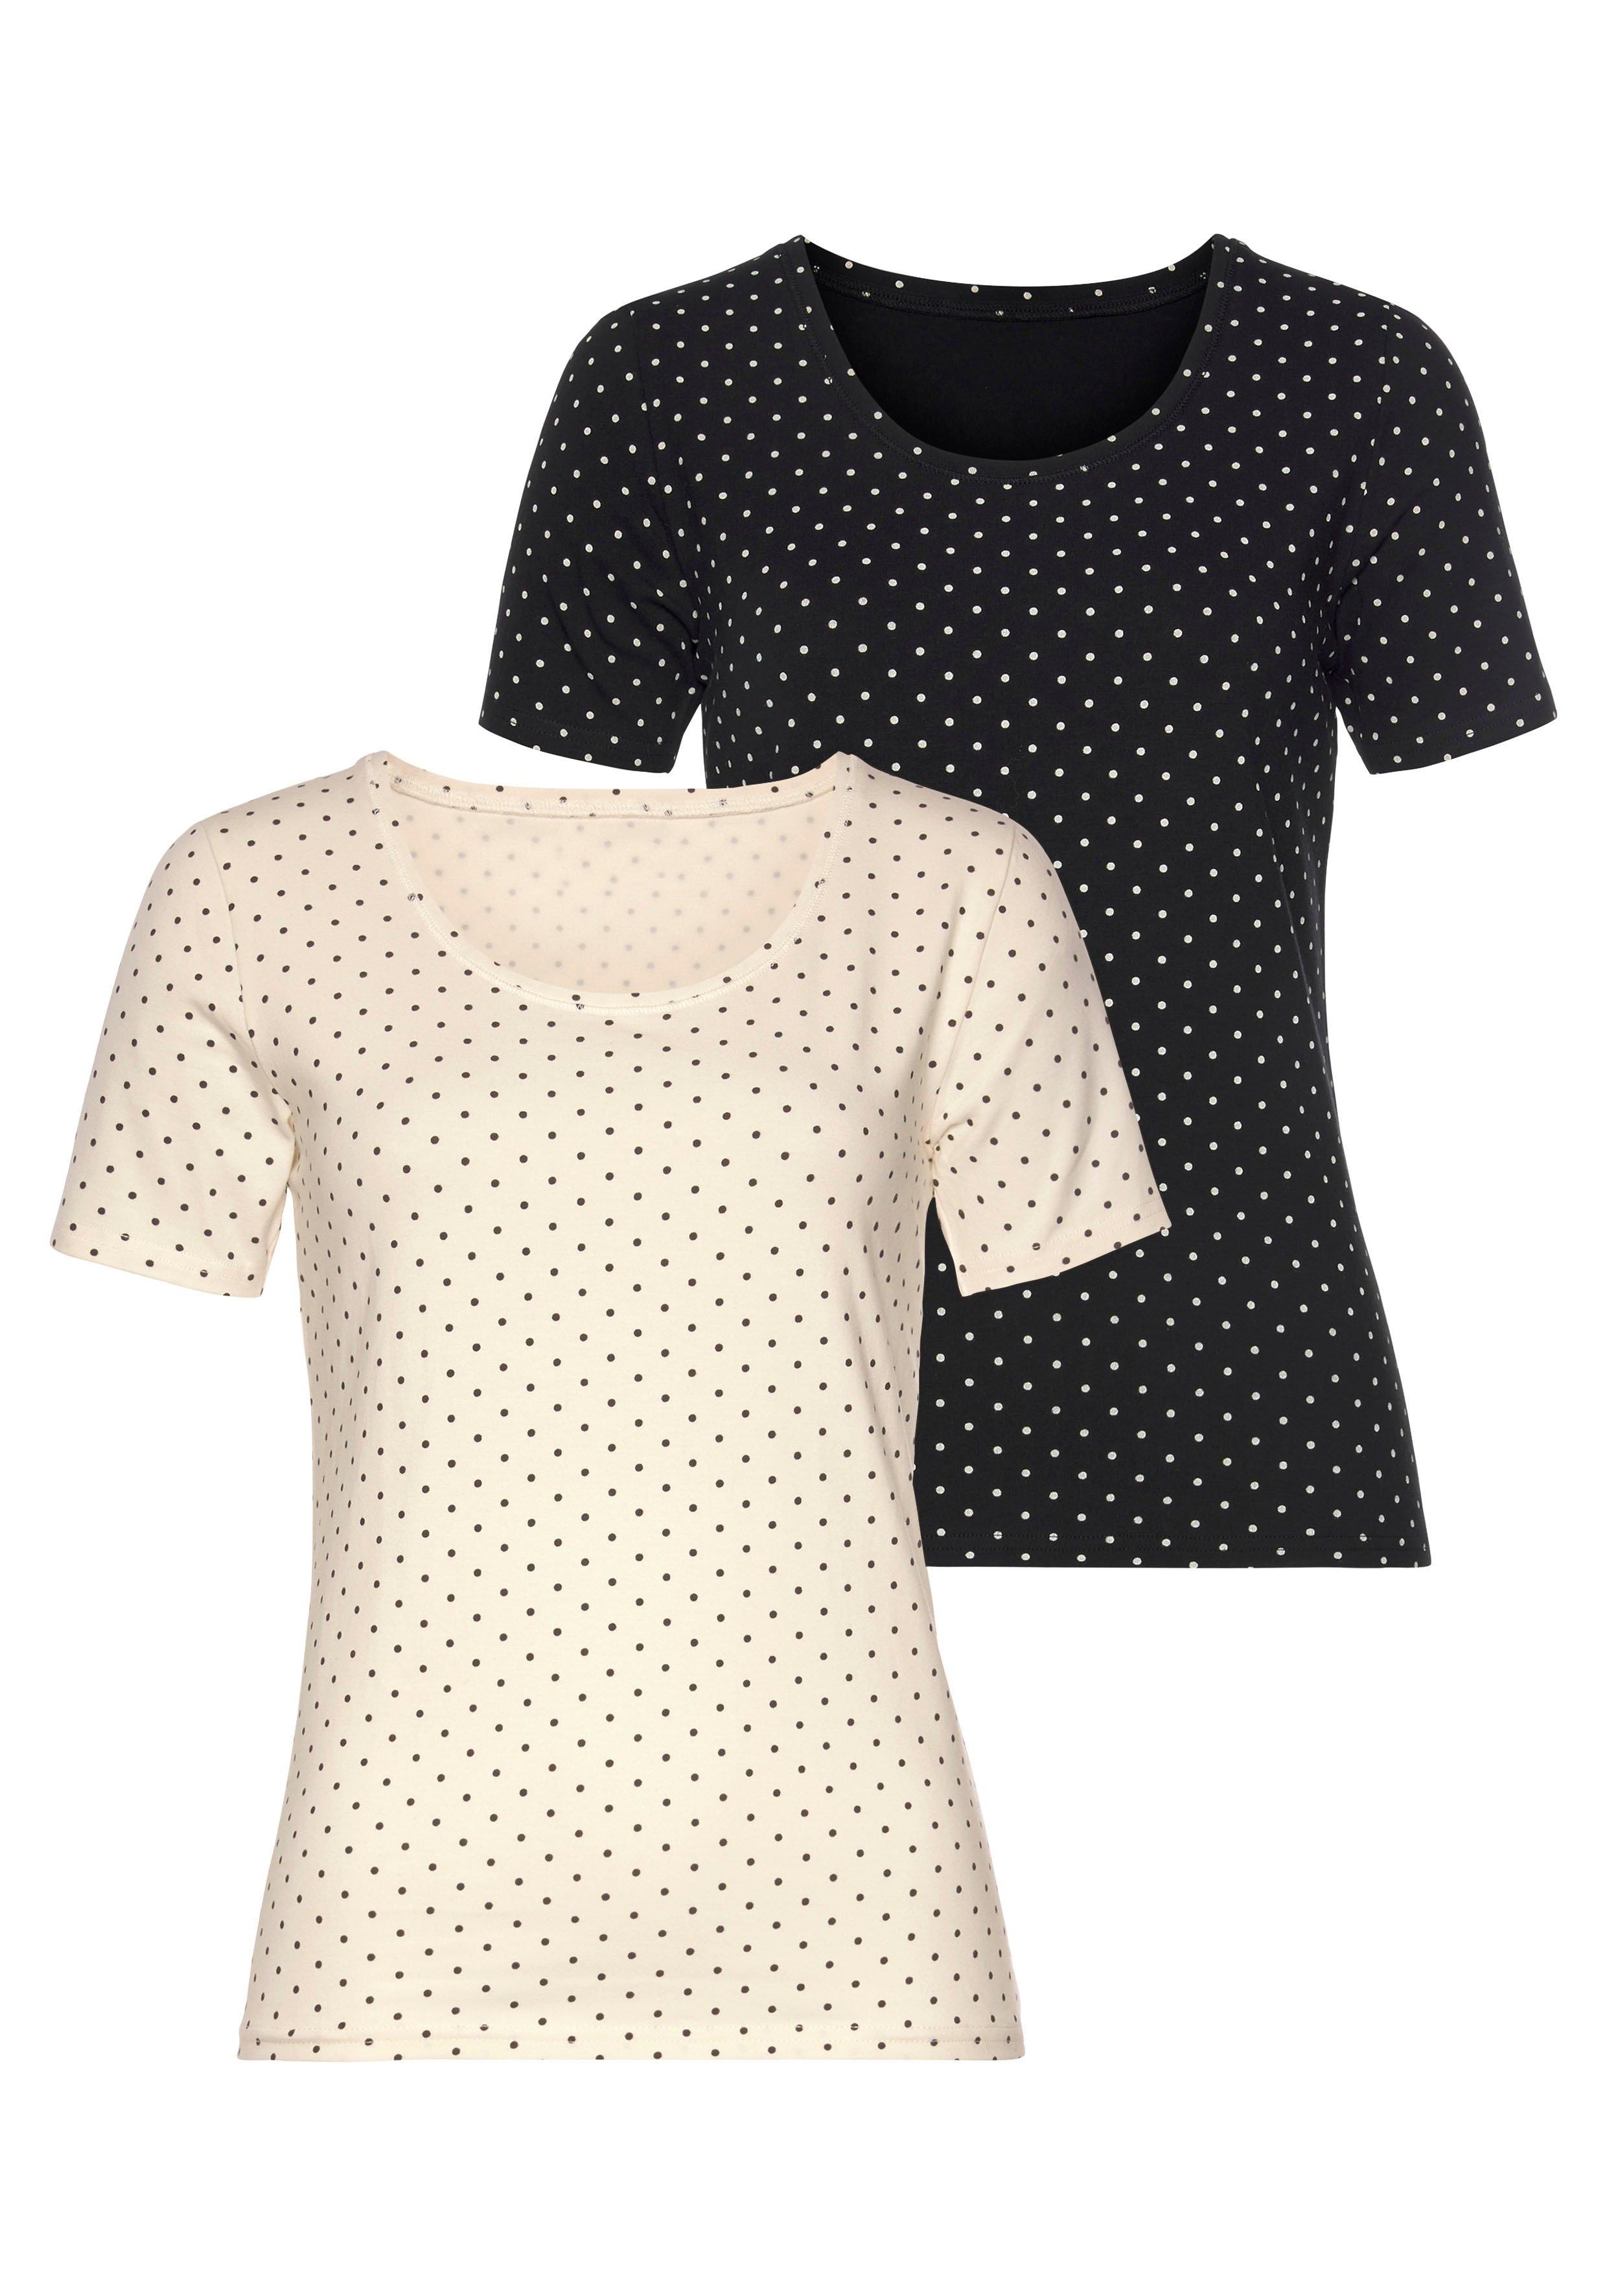 Vivance T-shirt elastische katoenkwaliteit (Set van 2) - gratis ruilen op otto.nl